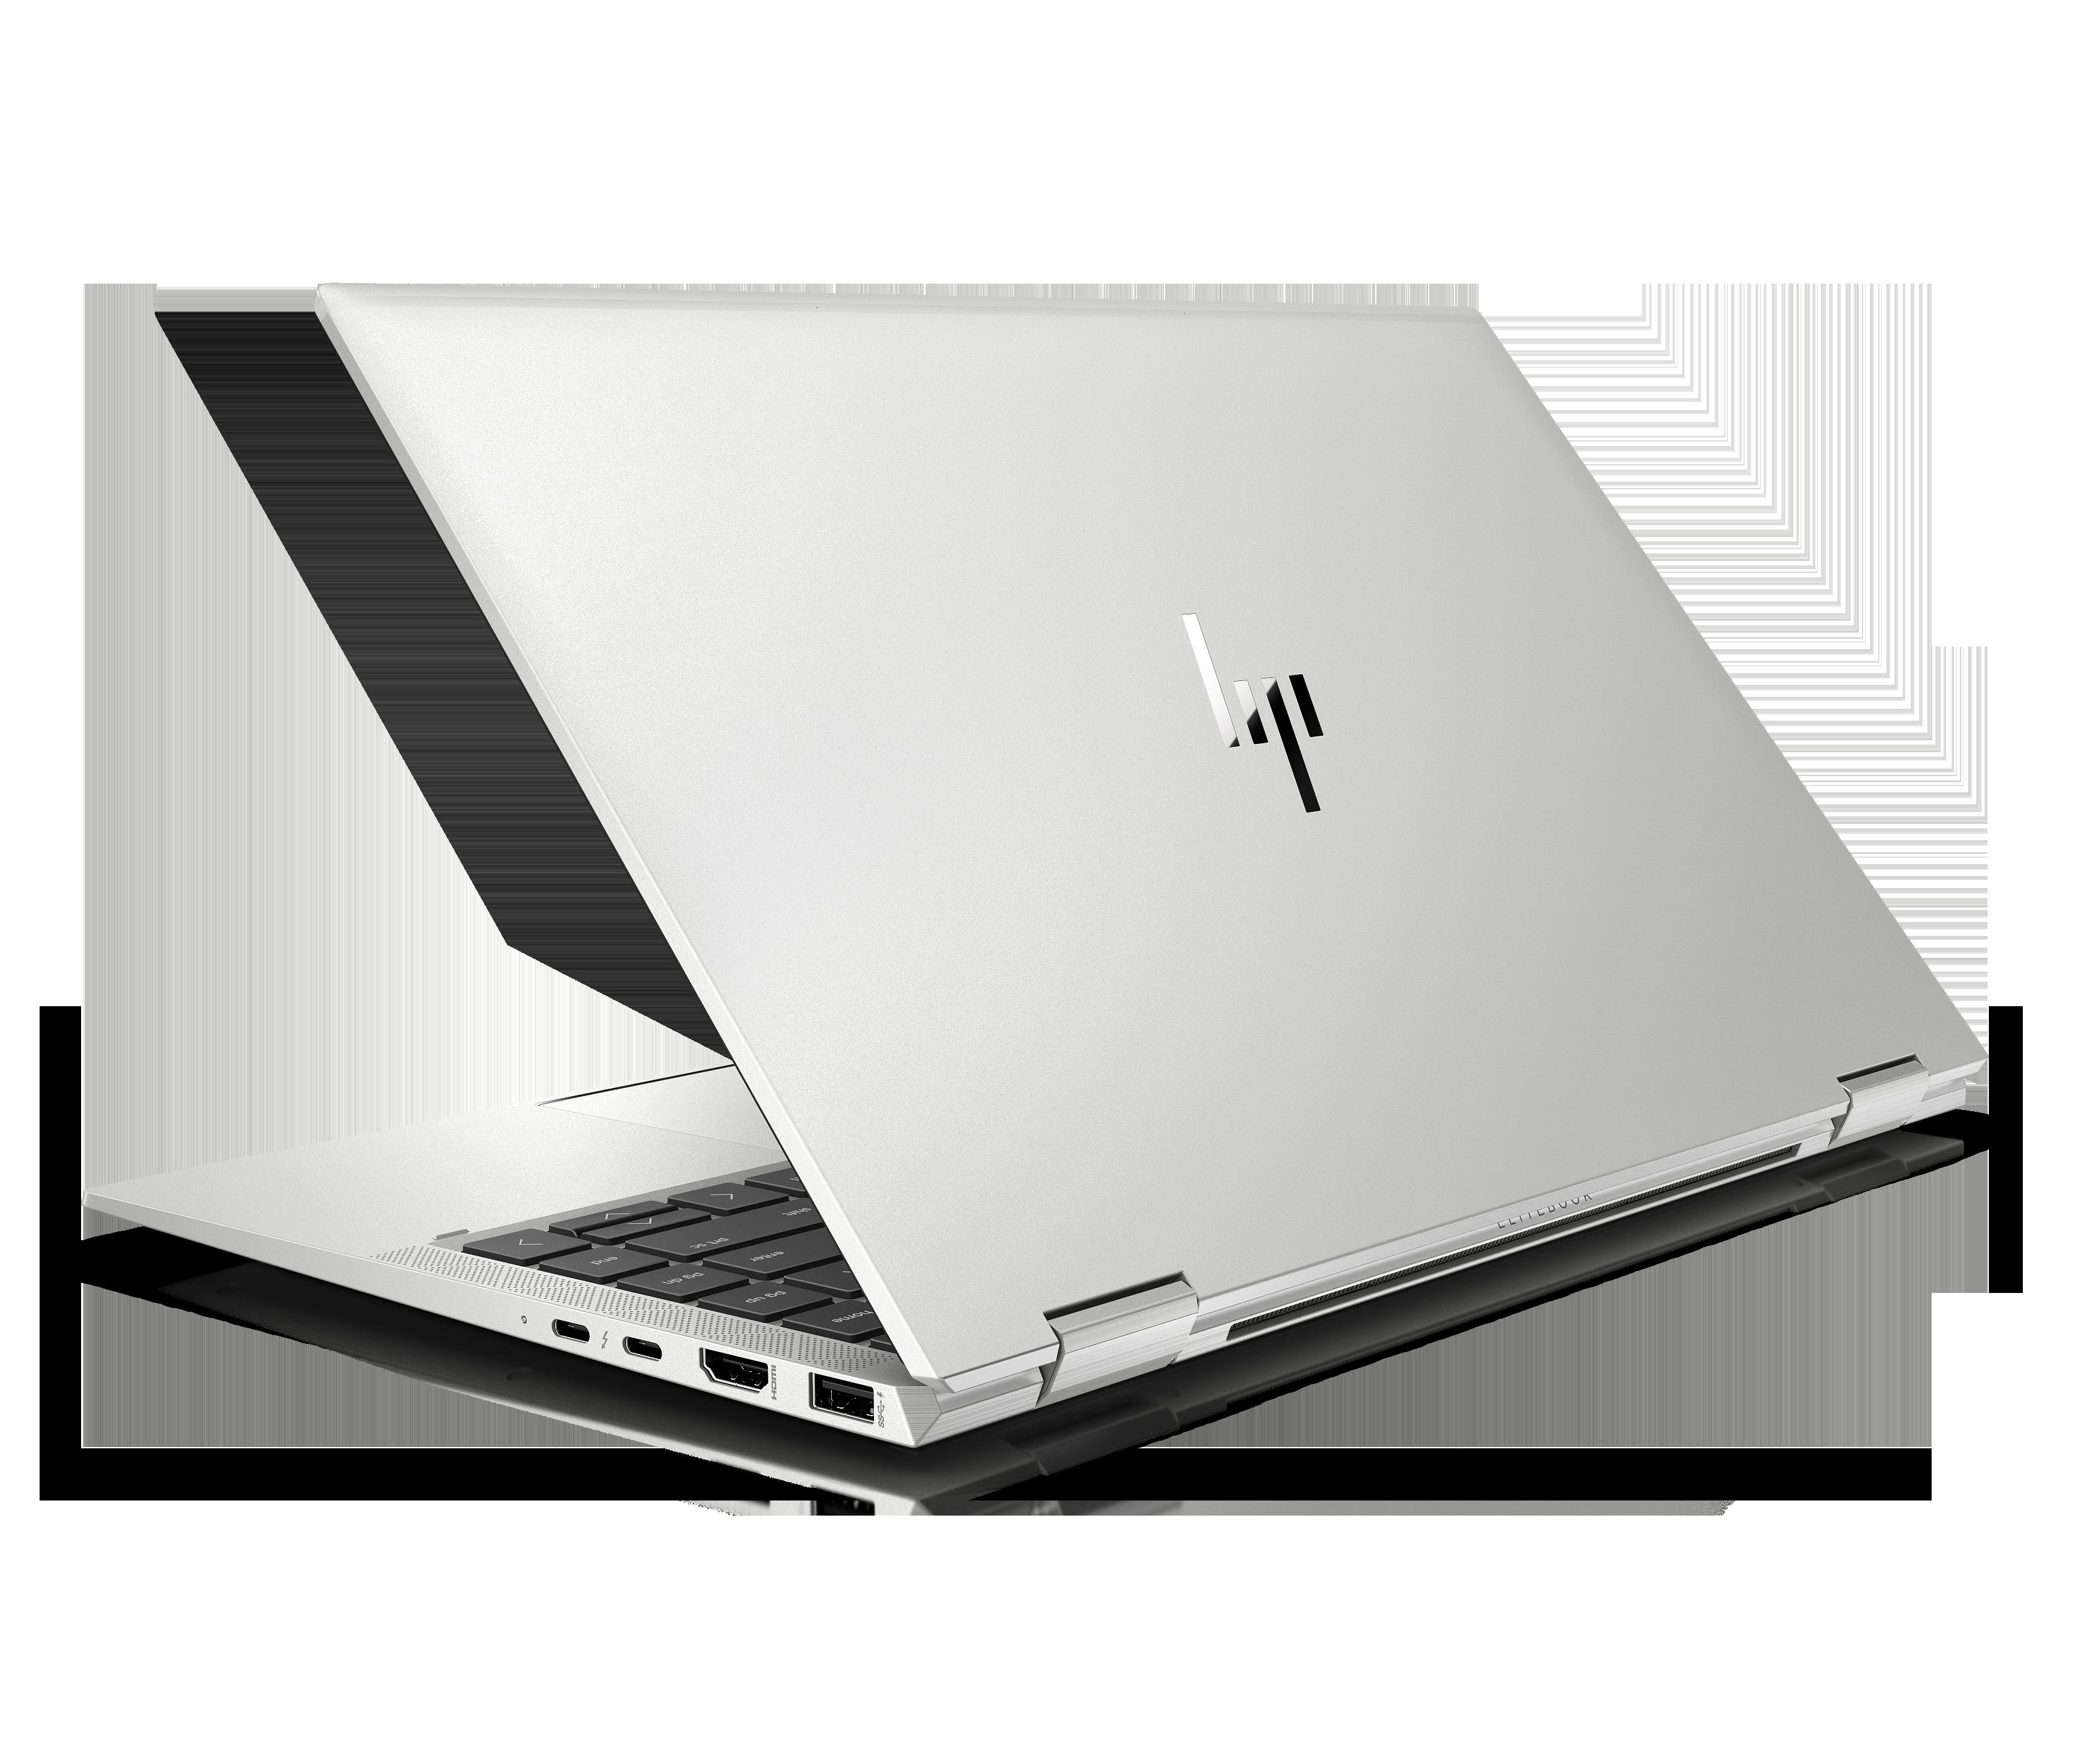 HP EliteBook лаптопи с Intel Core процесори